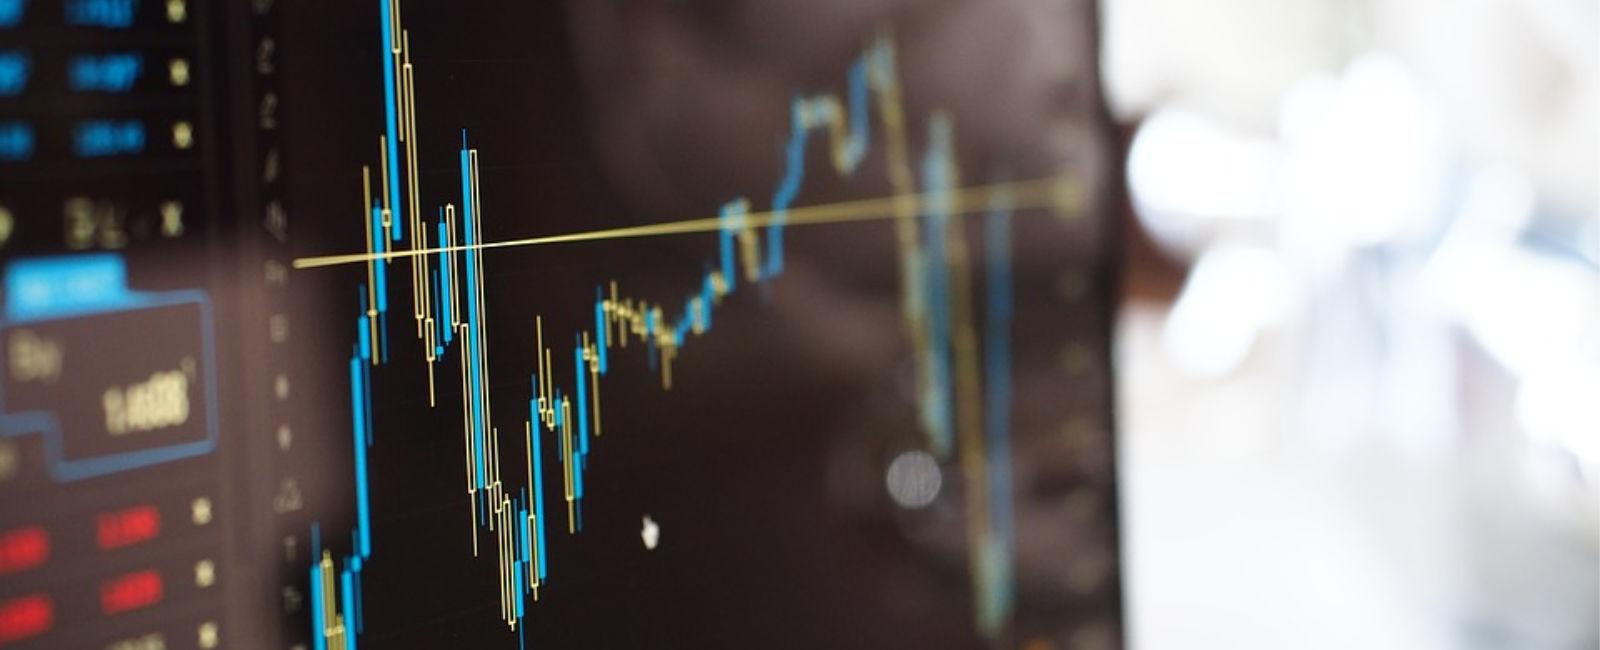 Οι αγορές αναγνωρίζουν την ανάκαμψη της ελληνικής οικονομίας